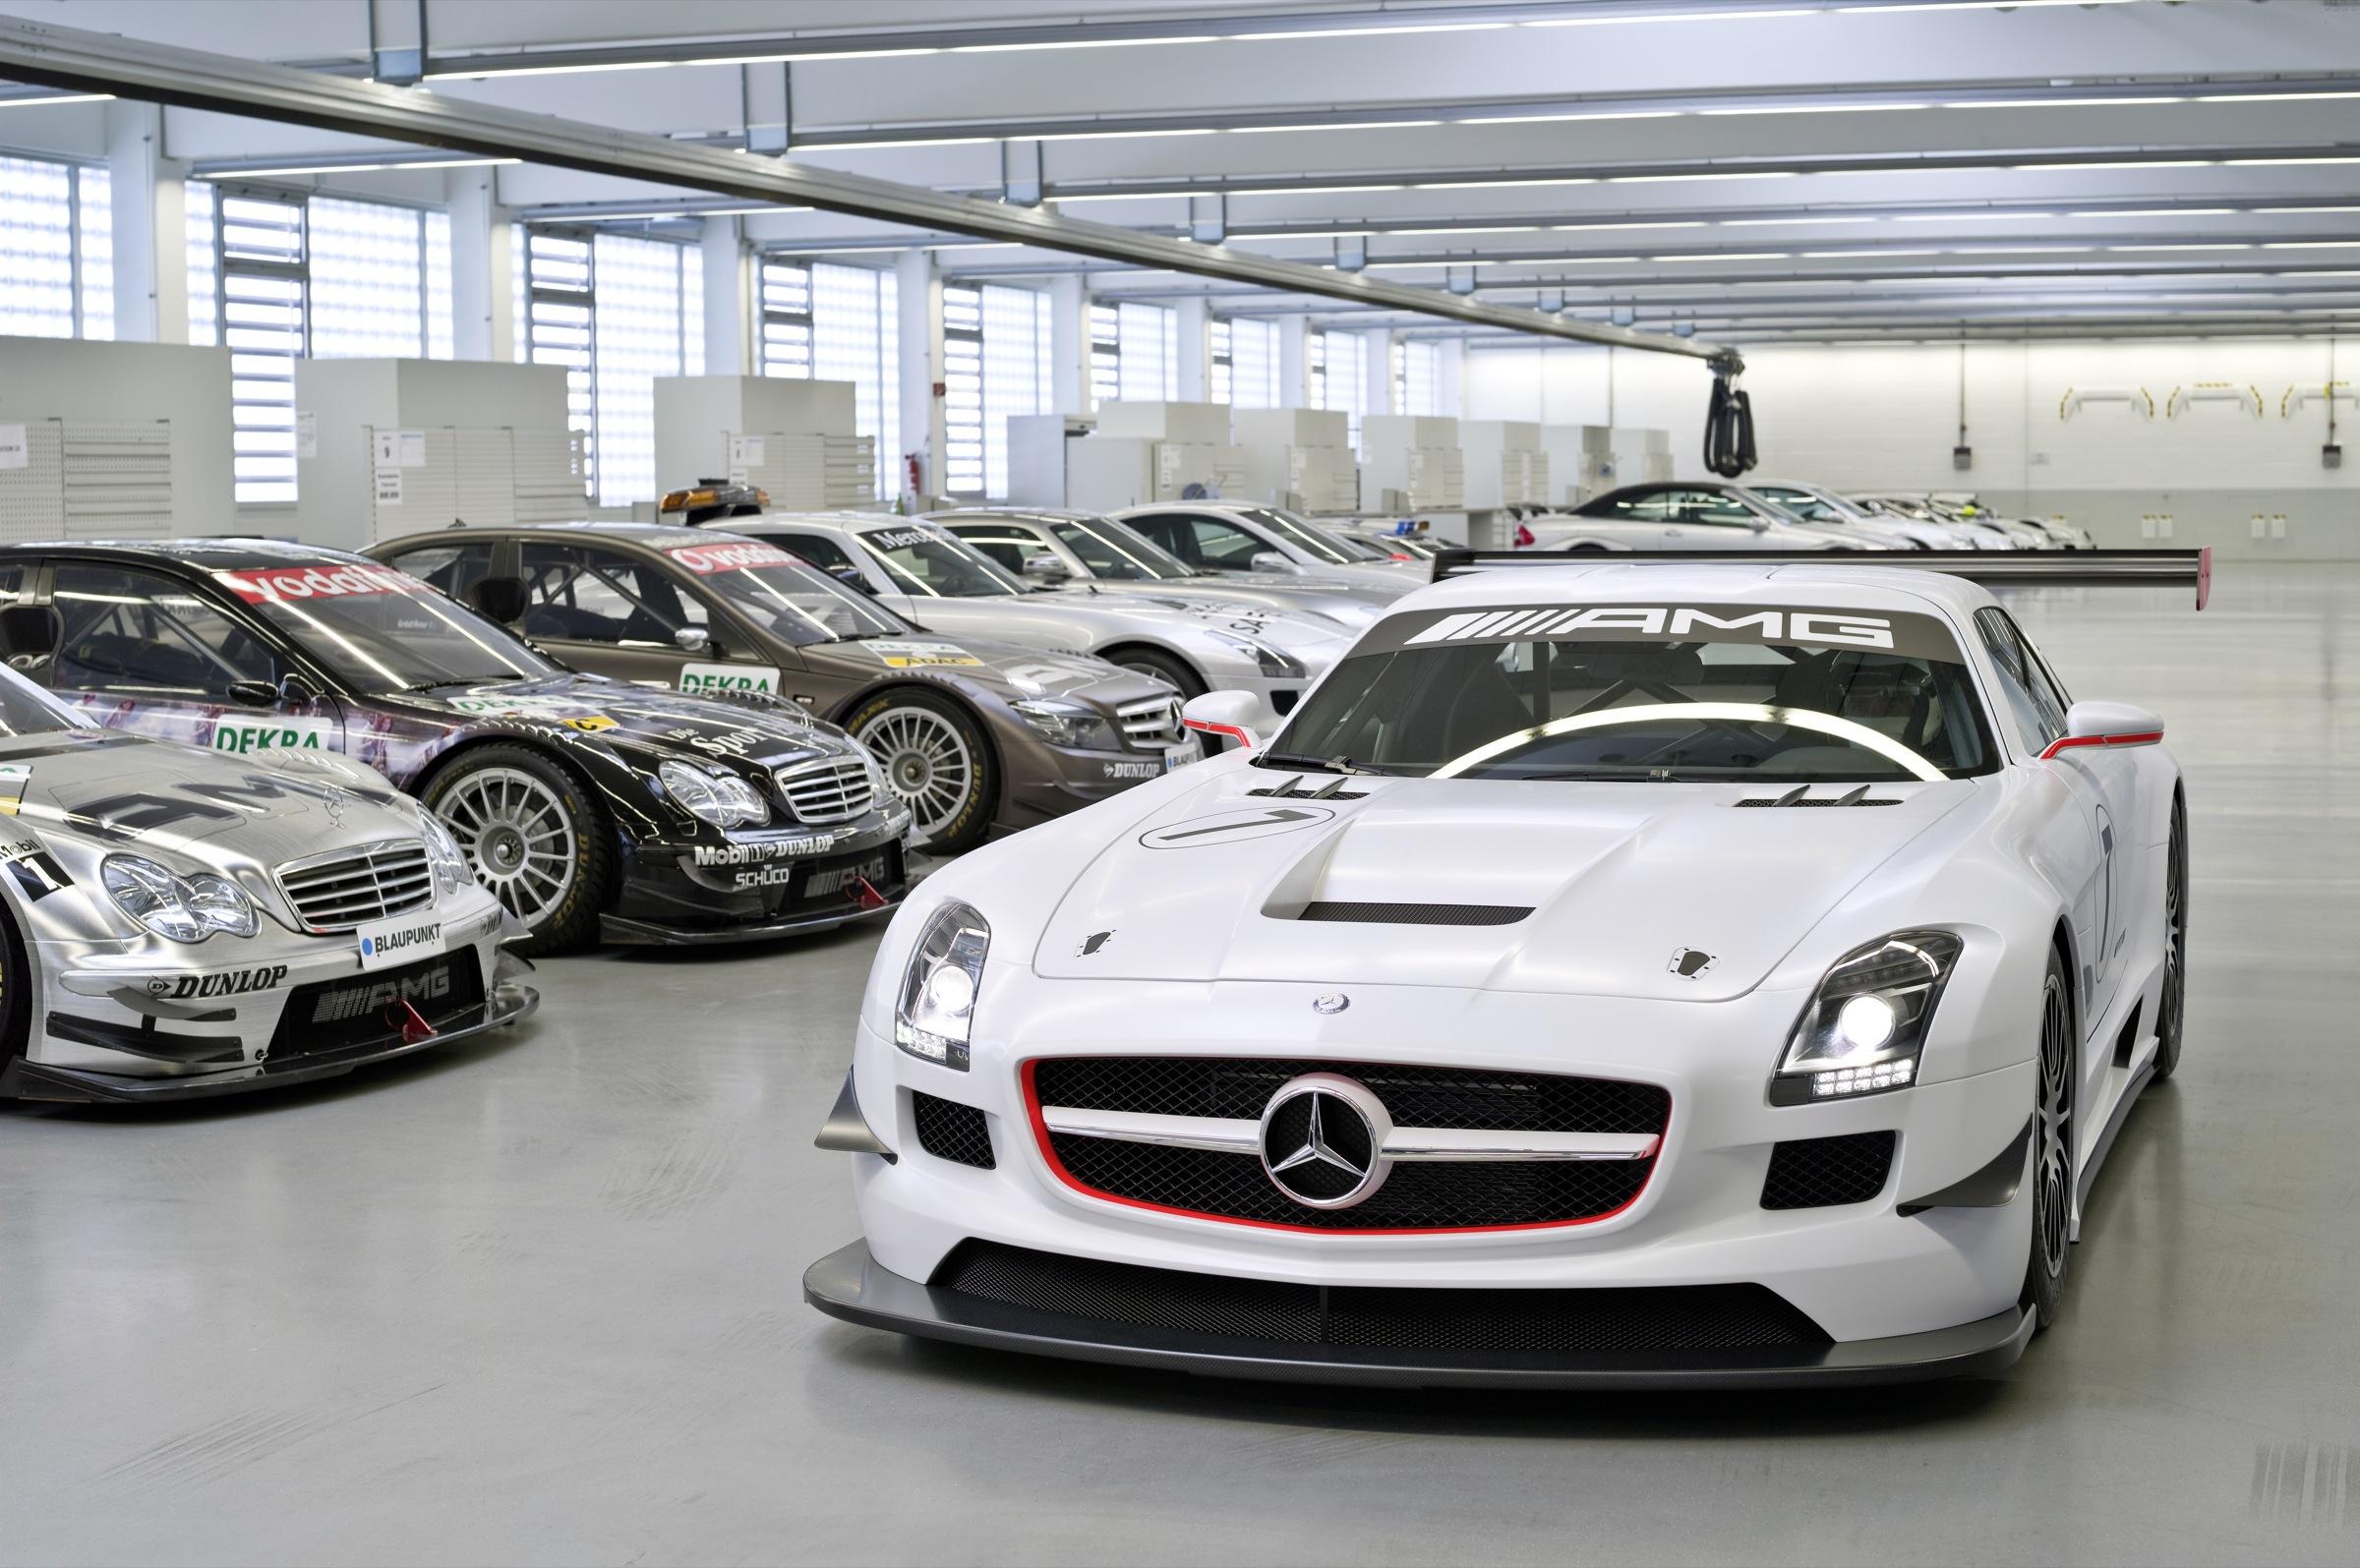 【常識】一起看門道,不再看熱鬧:一分鐘搞懂 GT廠車的不同!